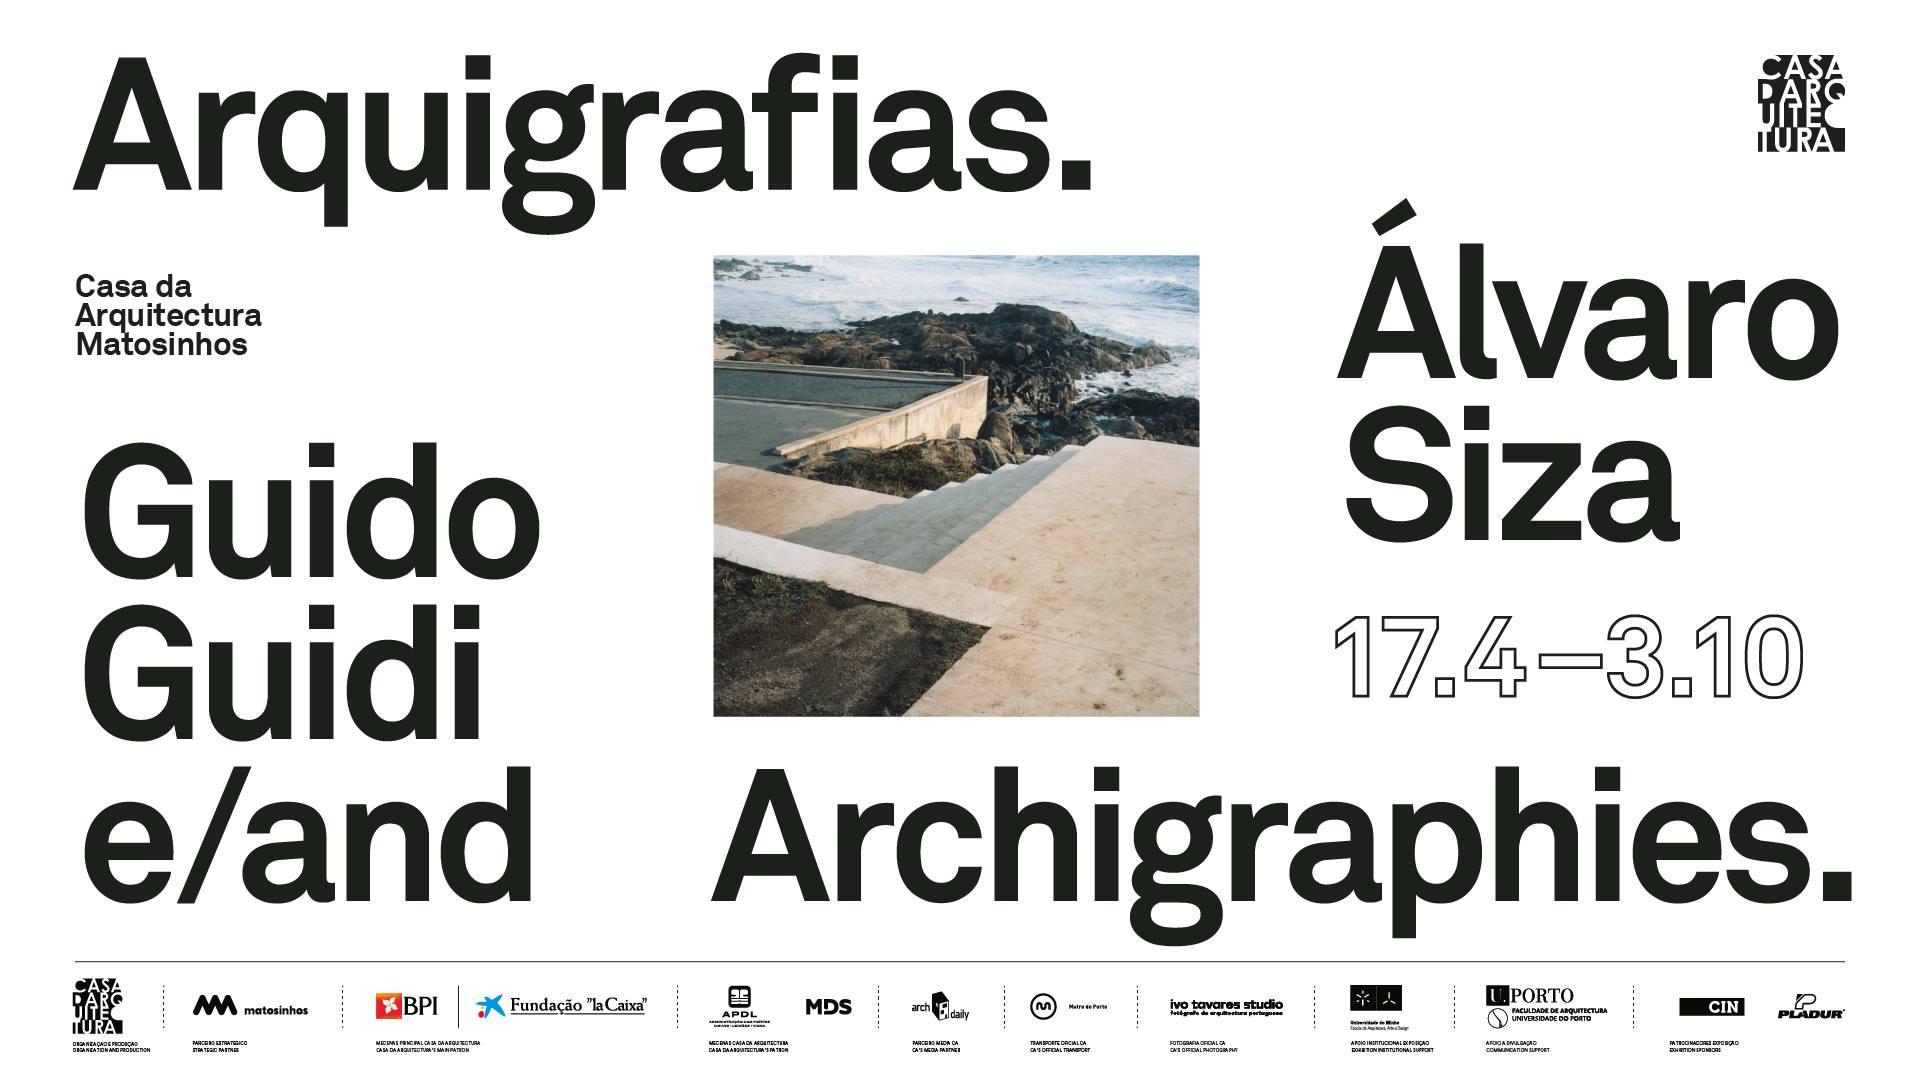 Arquigrafias / Archigraphies. Guido Guidi e/and Álvaro Siza